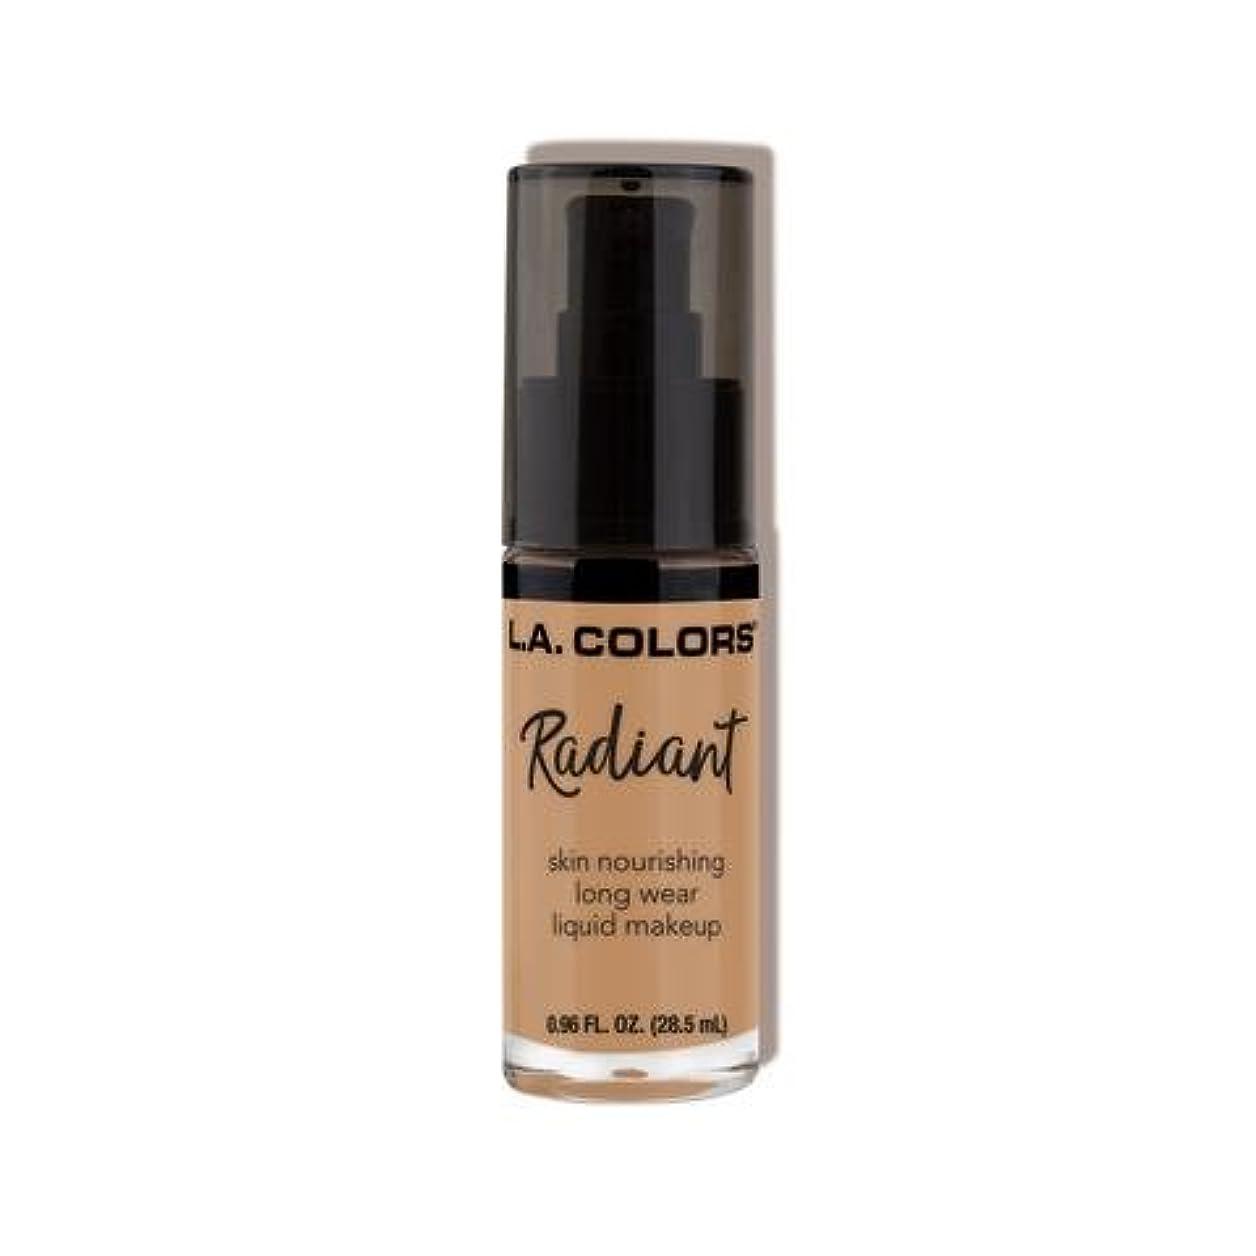 残基パースブラックボロウ推定する(6 Pack) L.A. COLORS Radiant Liquid Makeup - Light Toffee (並行輸入品)